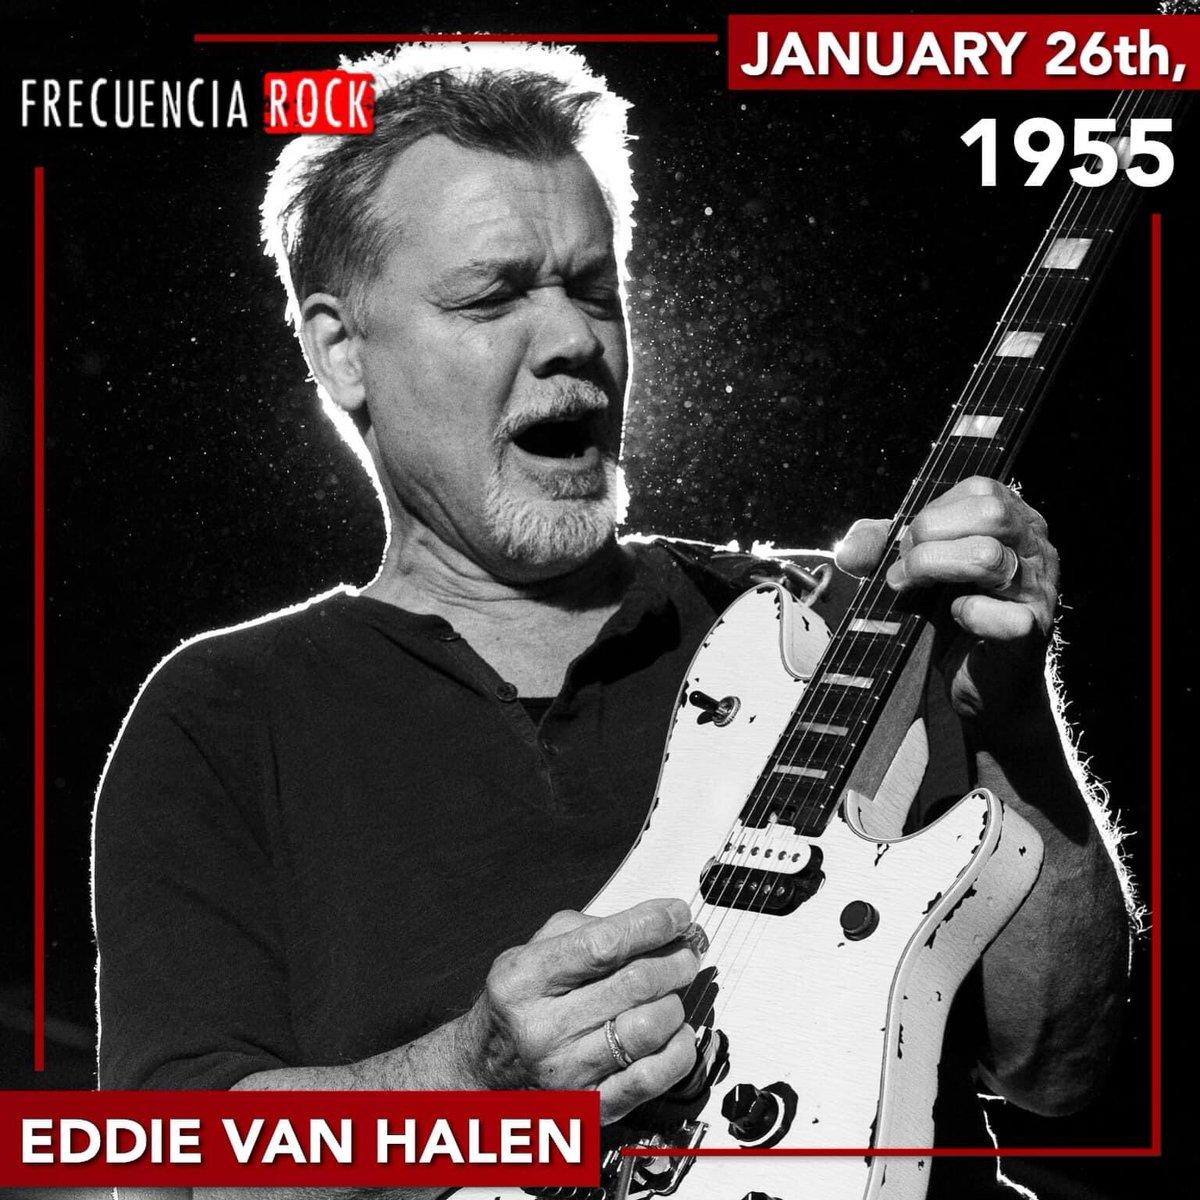 Today would have been Eddie Van Halen's 66th Birthday!🎸 • • • #eddievanhalen #vanhalen #frecuenciarock #felizcumpleaños #happybirthday #undiacomohoy #rockstar #musichistory #efemerides #rocknroll #music #icon #legend #onthisday #artist #musicfacts #bornonthisday #rip #guitar